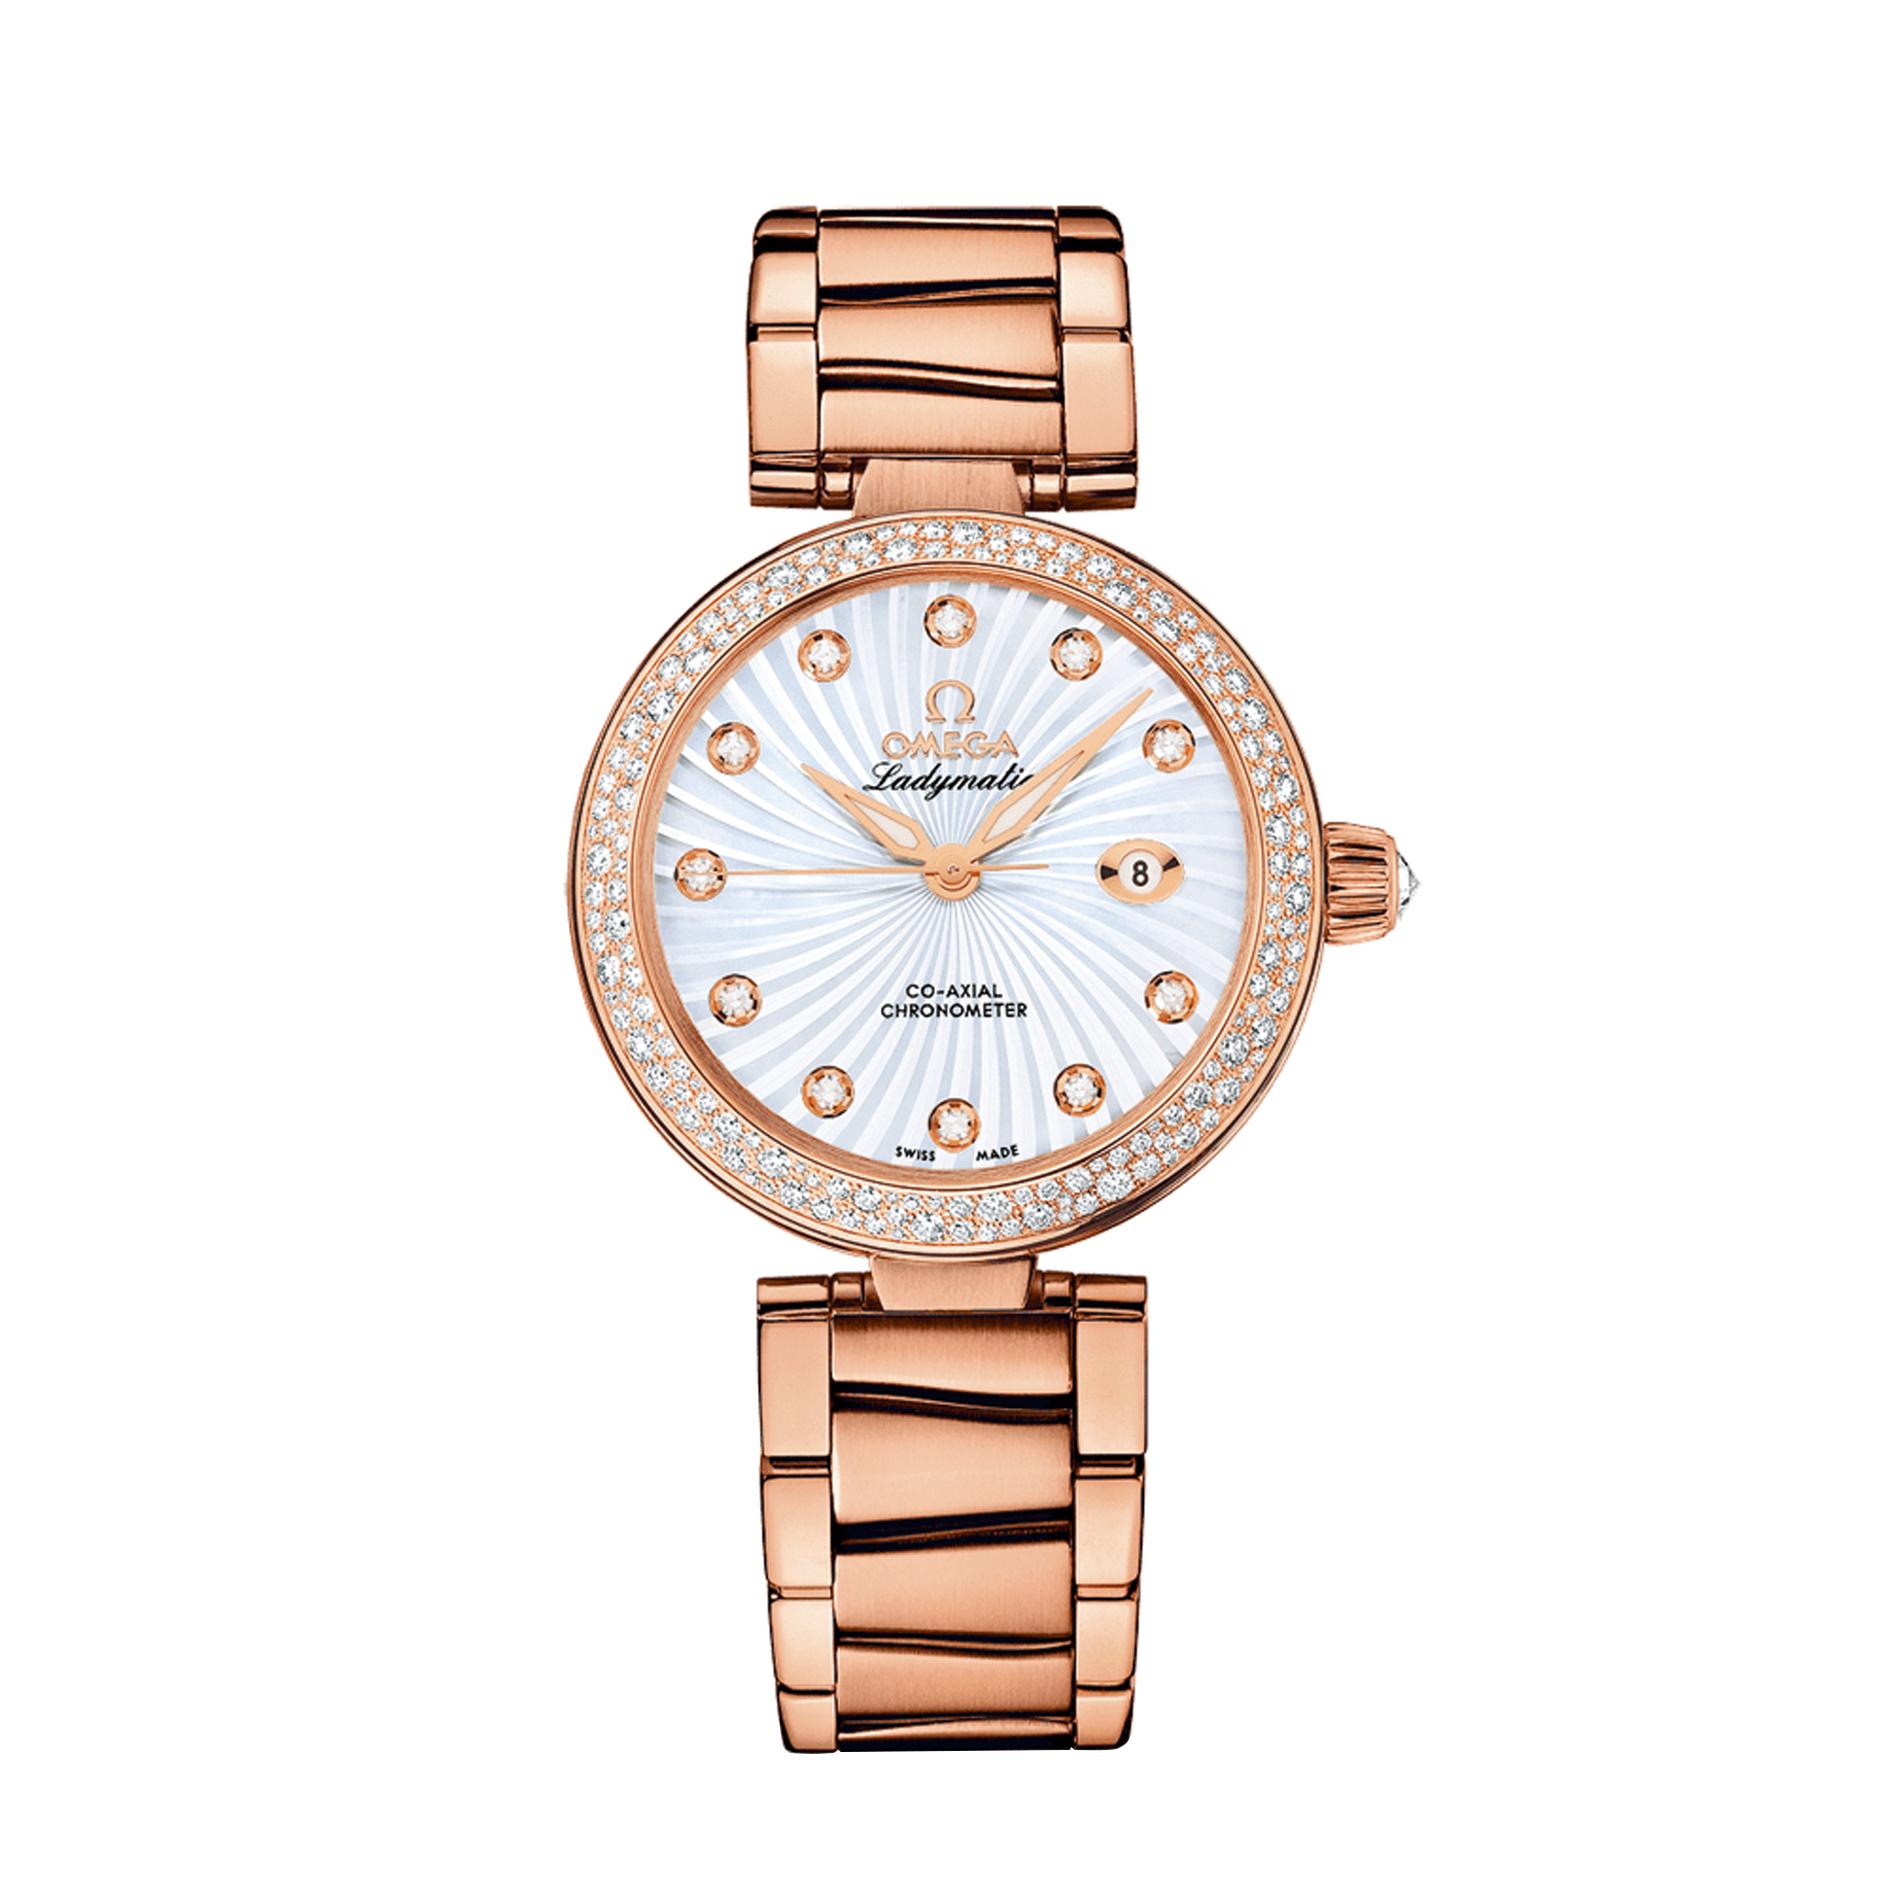 Reloj Omega – Ladymatic CoAxial 34 - Amaya Joyeros